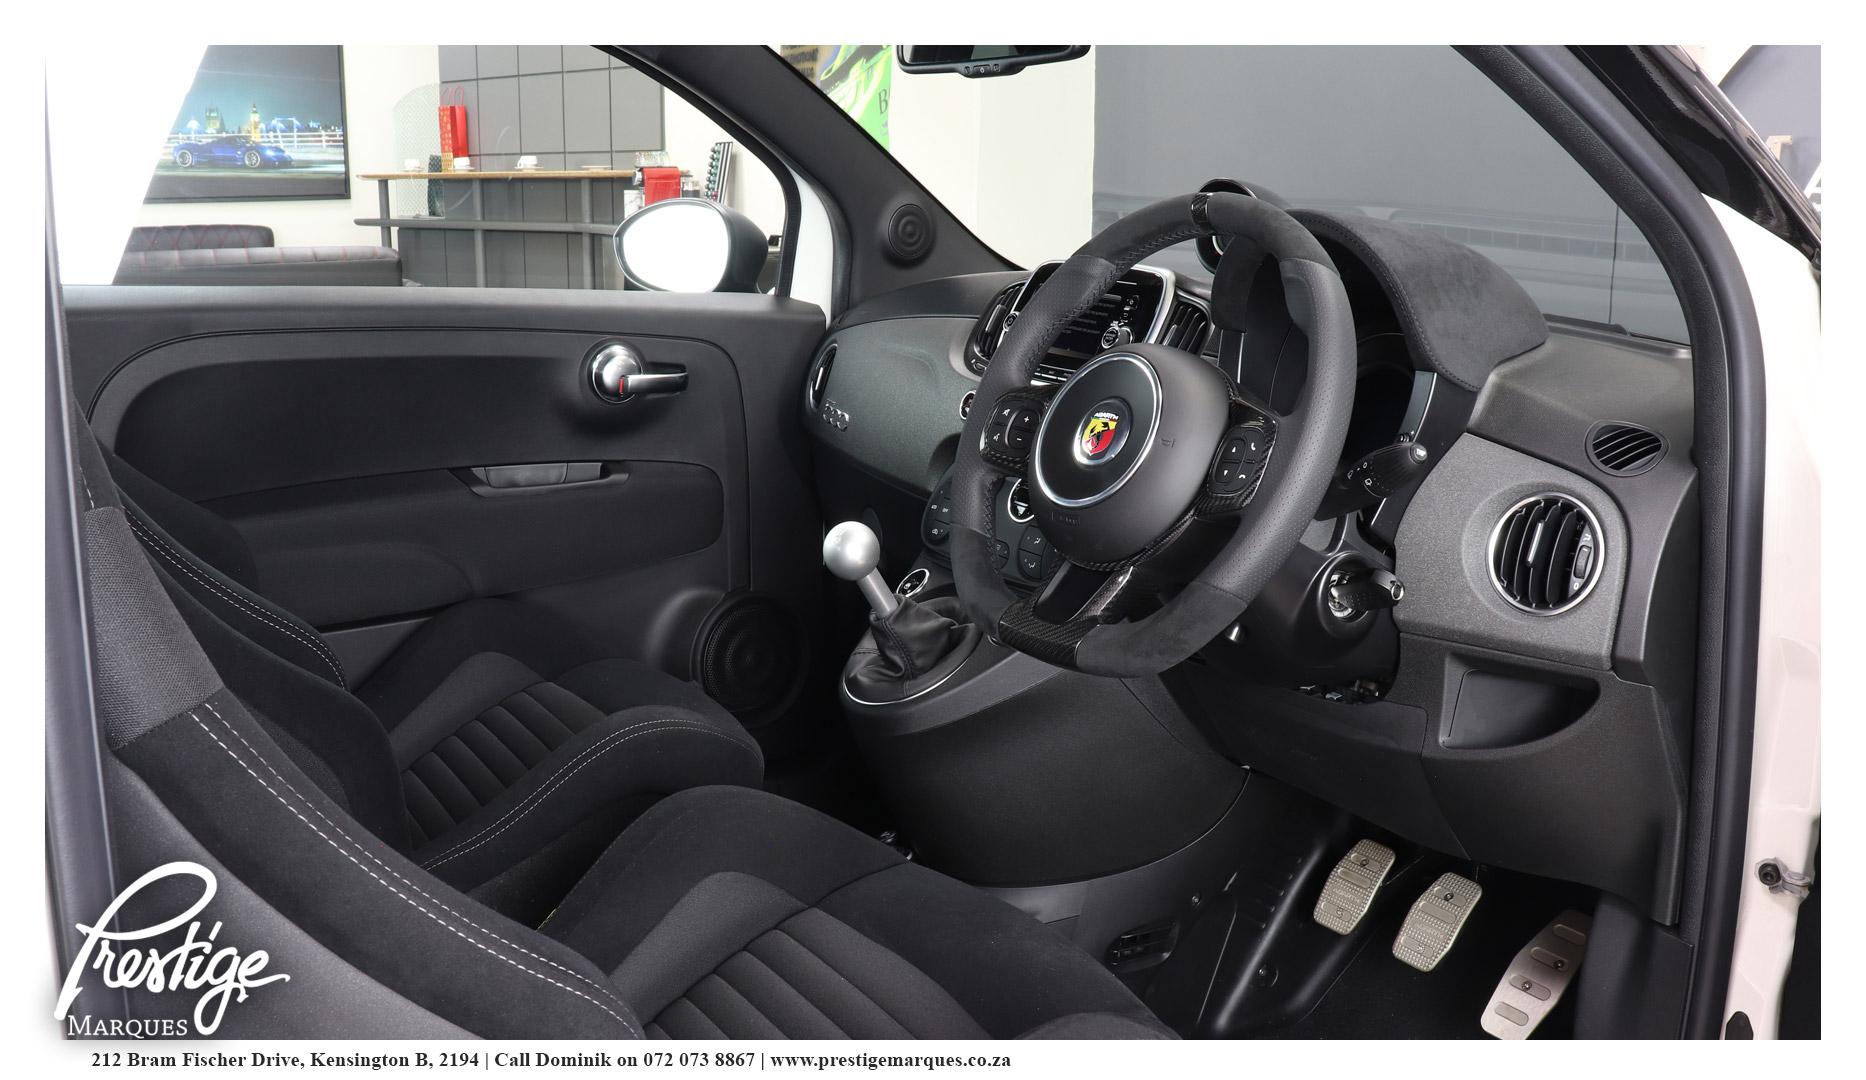 2020-Fiat-Abarth-595-Competizione-Manual-Prestige-Marques-Randburg-Sandton-14